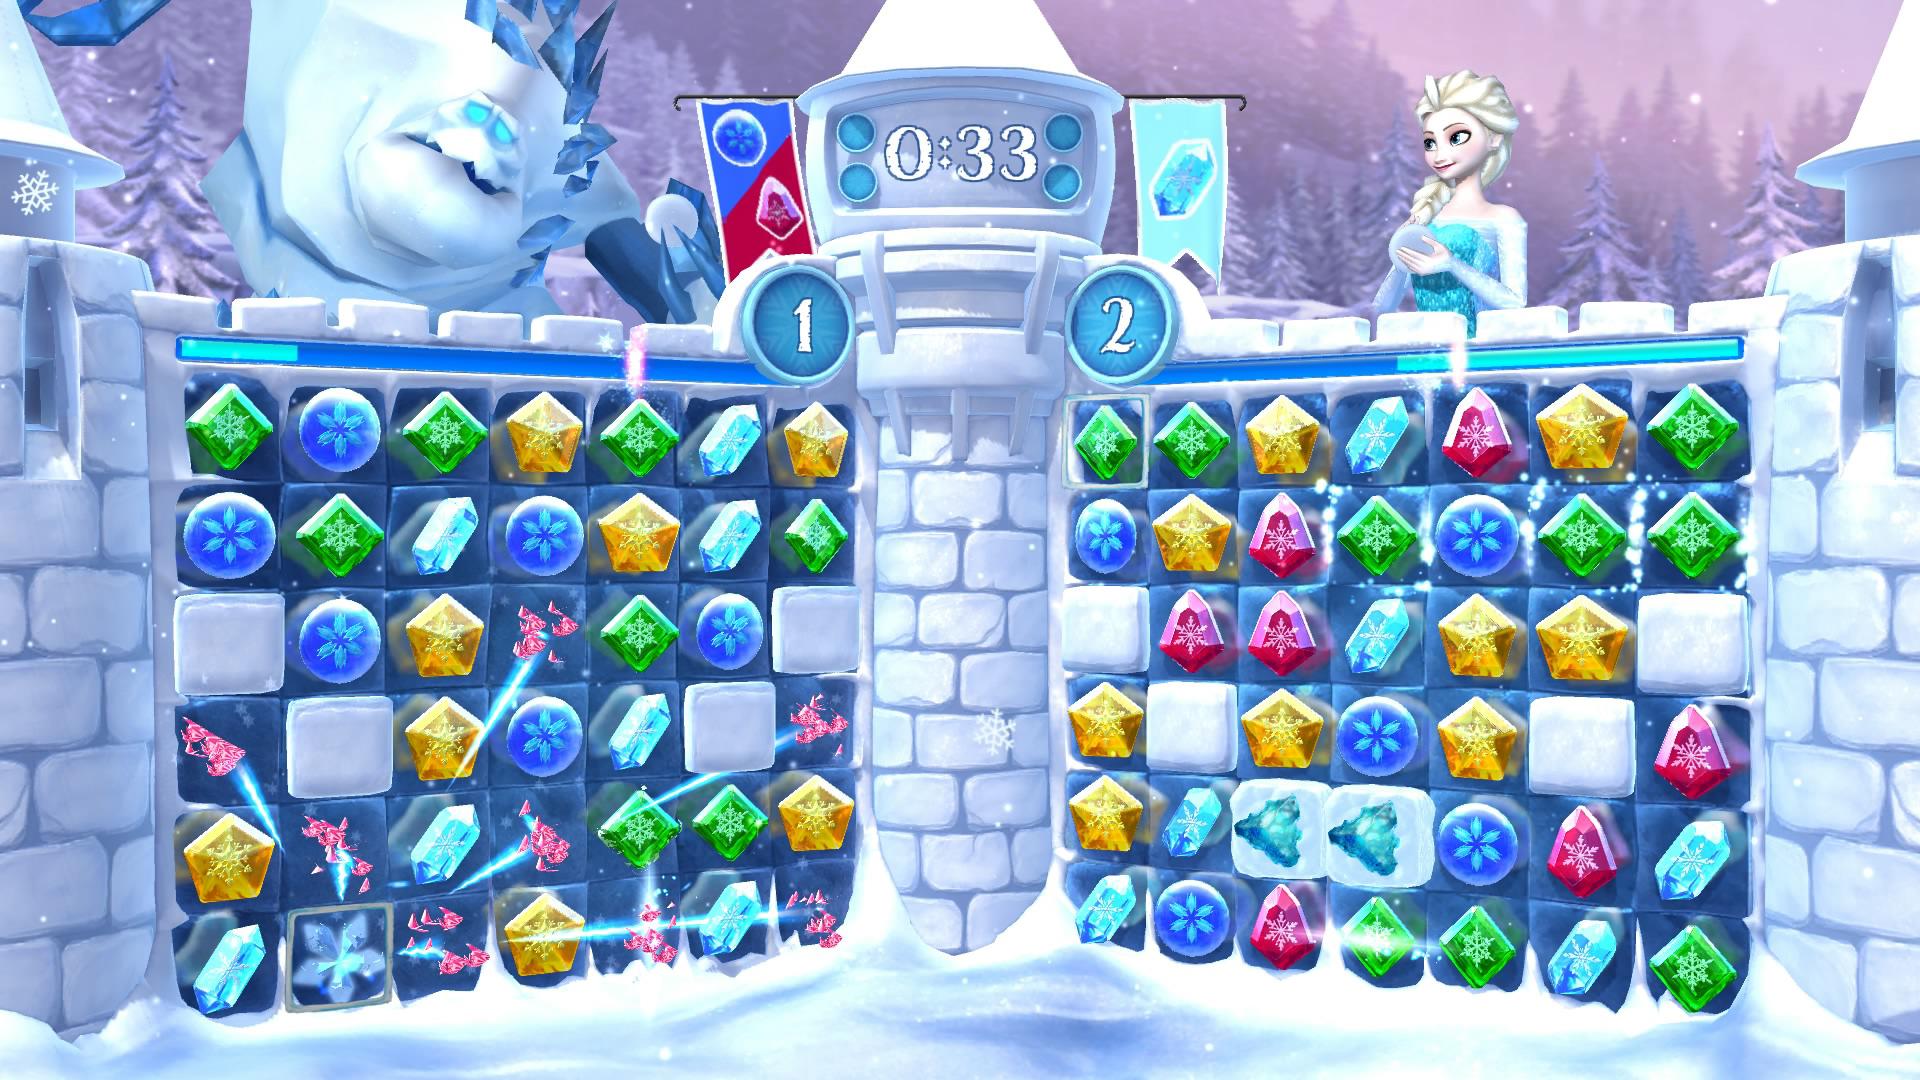 冰雪奇缘:冰纷乐游戏图片欣赏